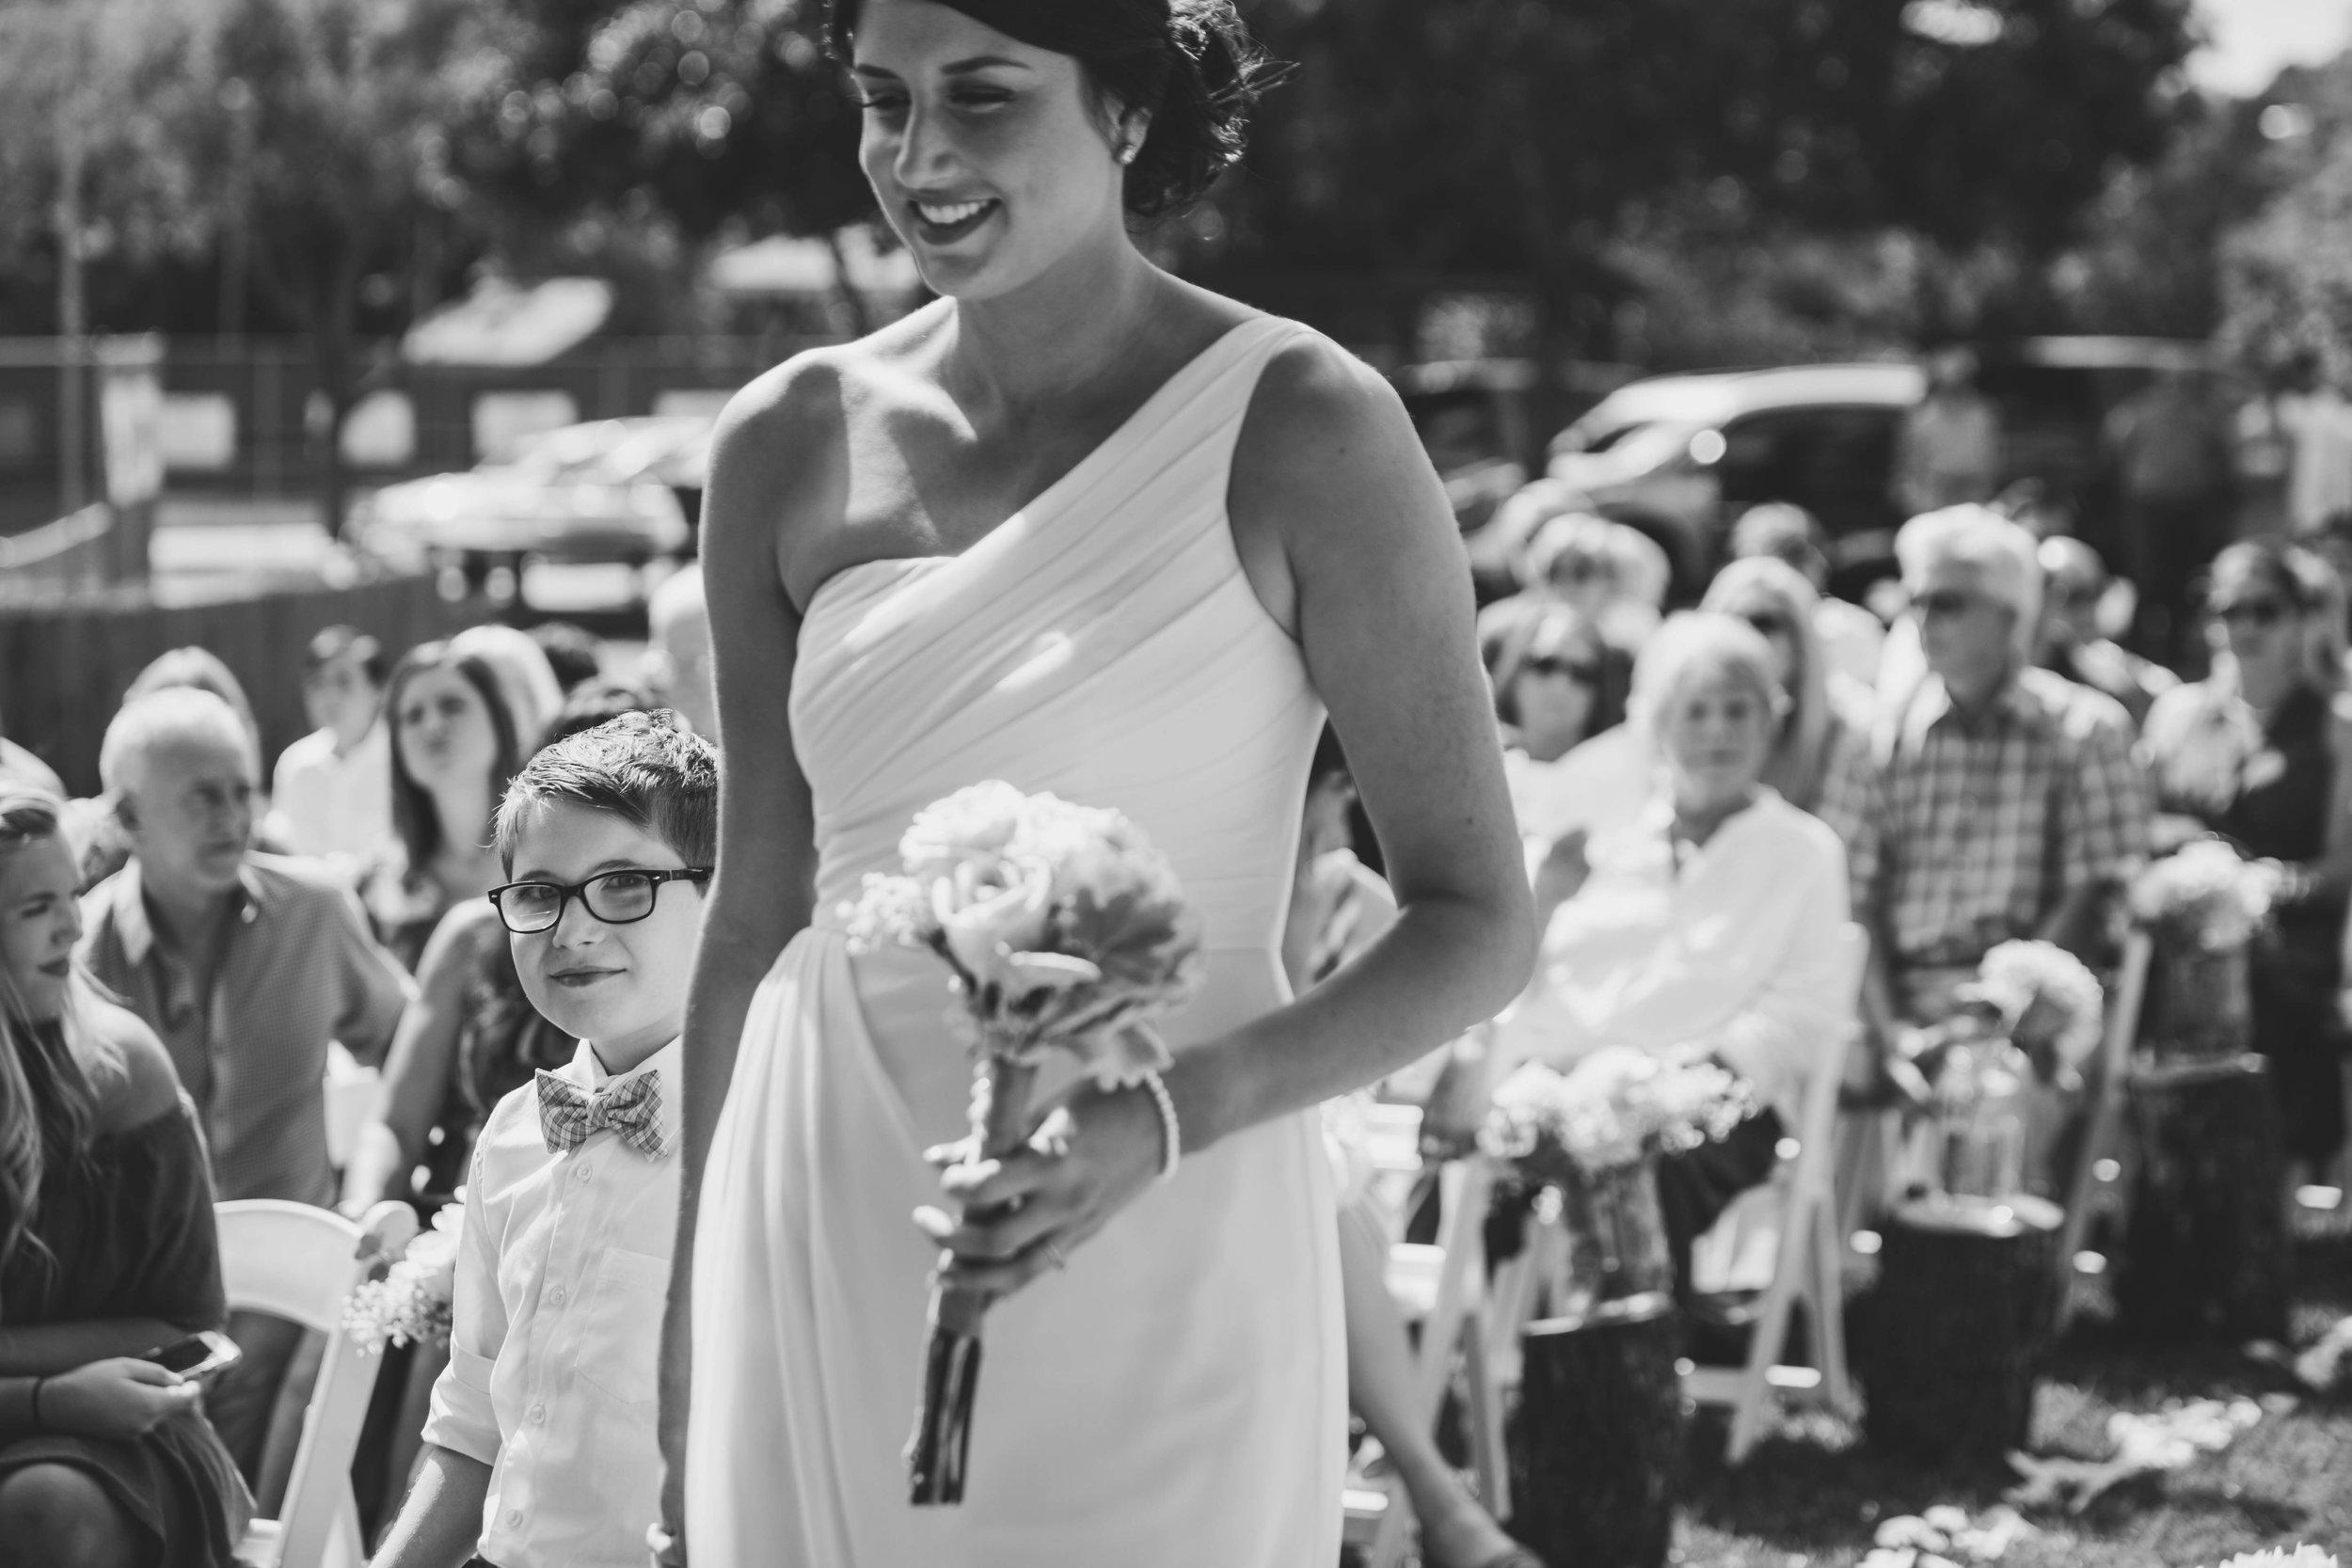 ATGI_Susanna & Matt Wedding_717A7526.jpg